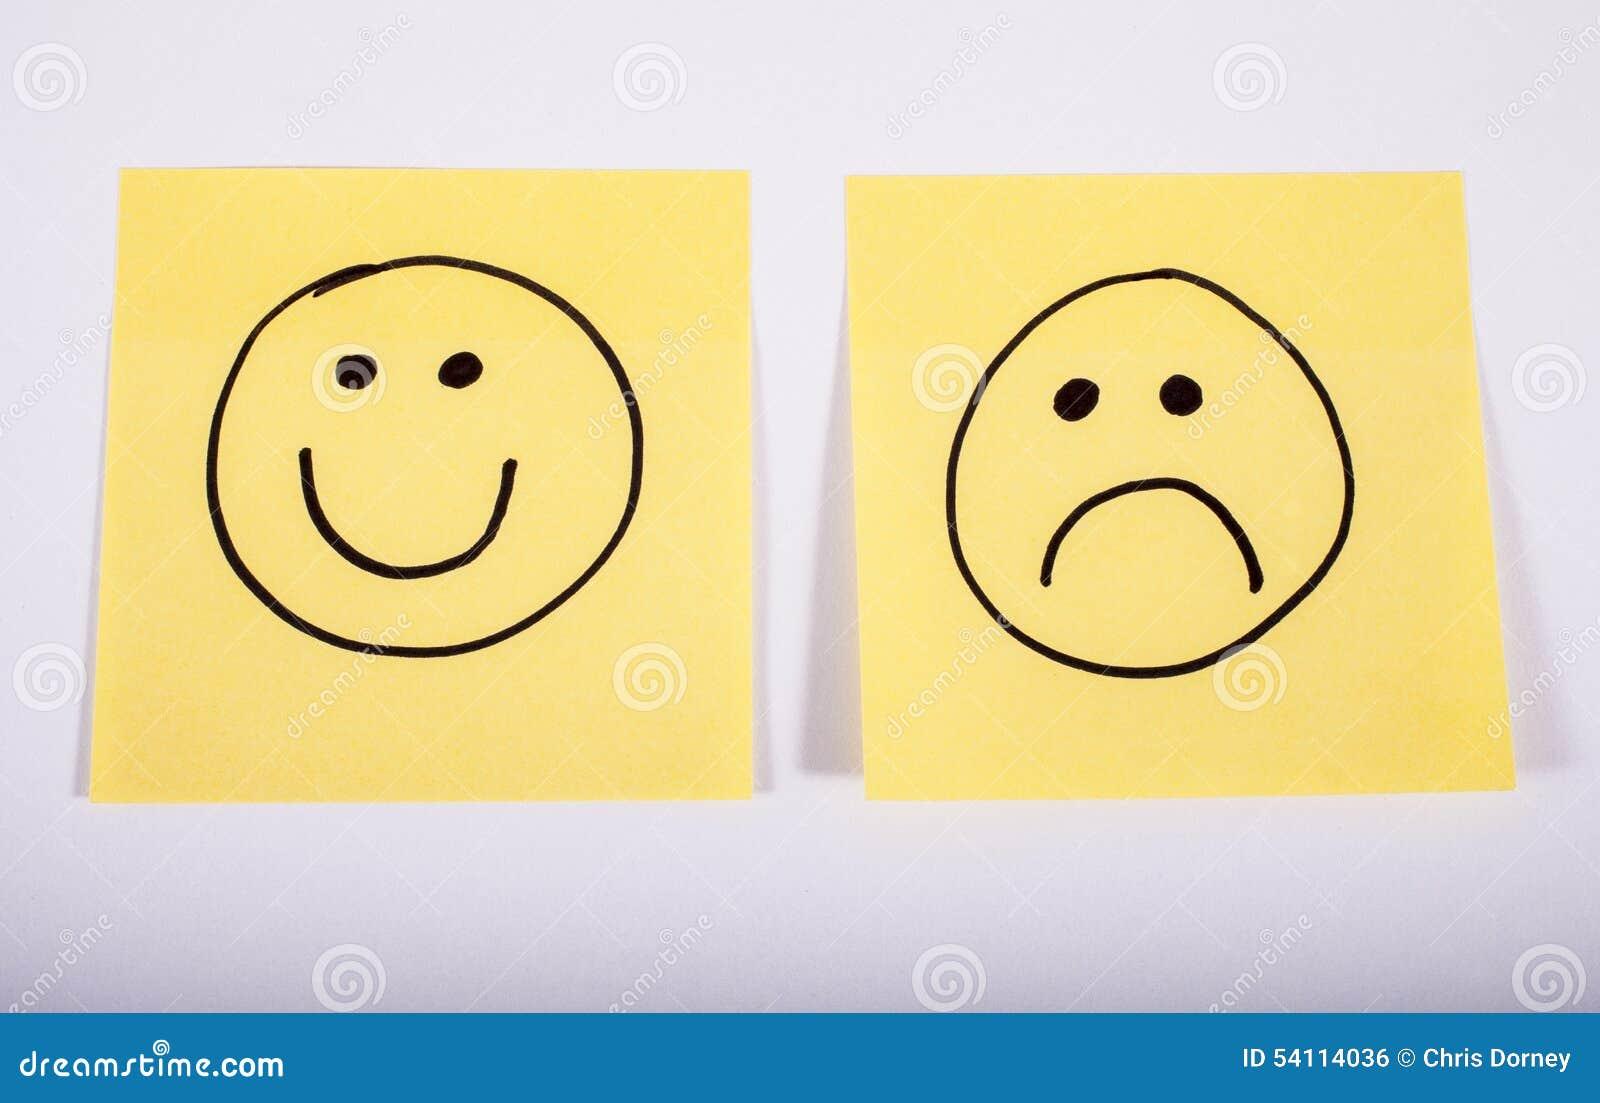 Caras Felices Y Tristes En El Papel De La Nota Foto De